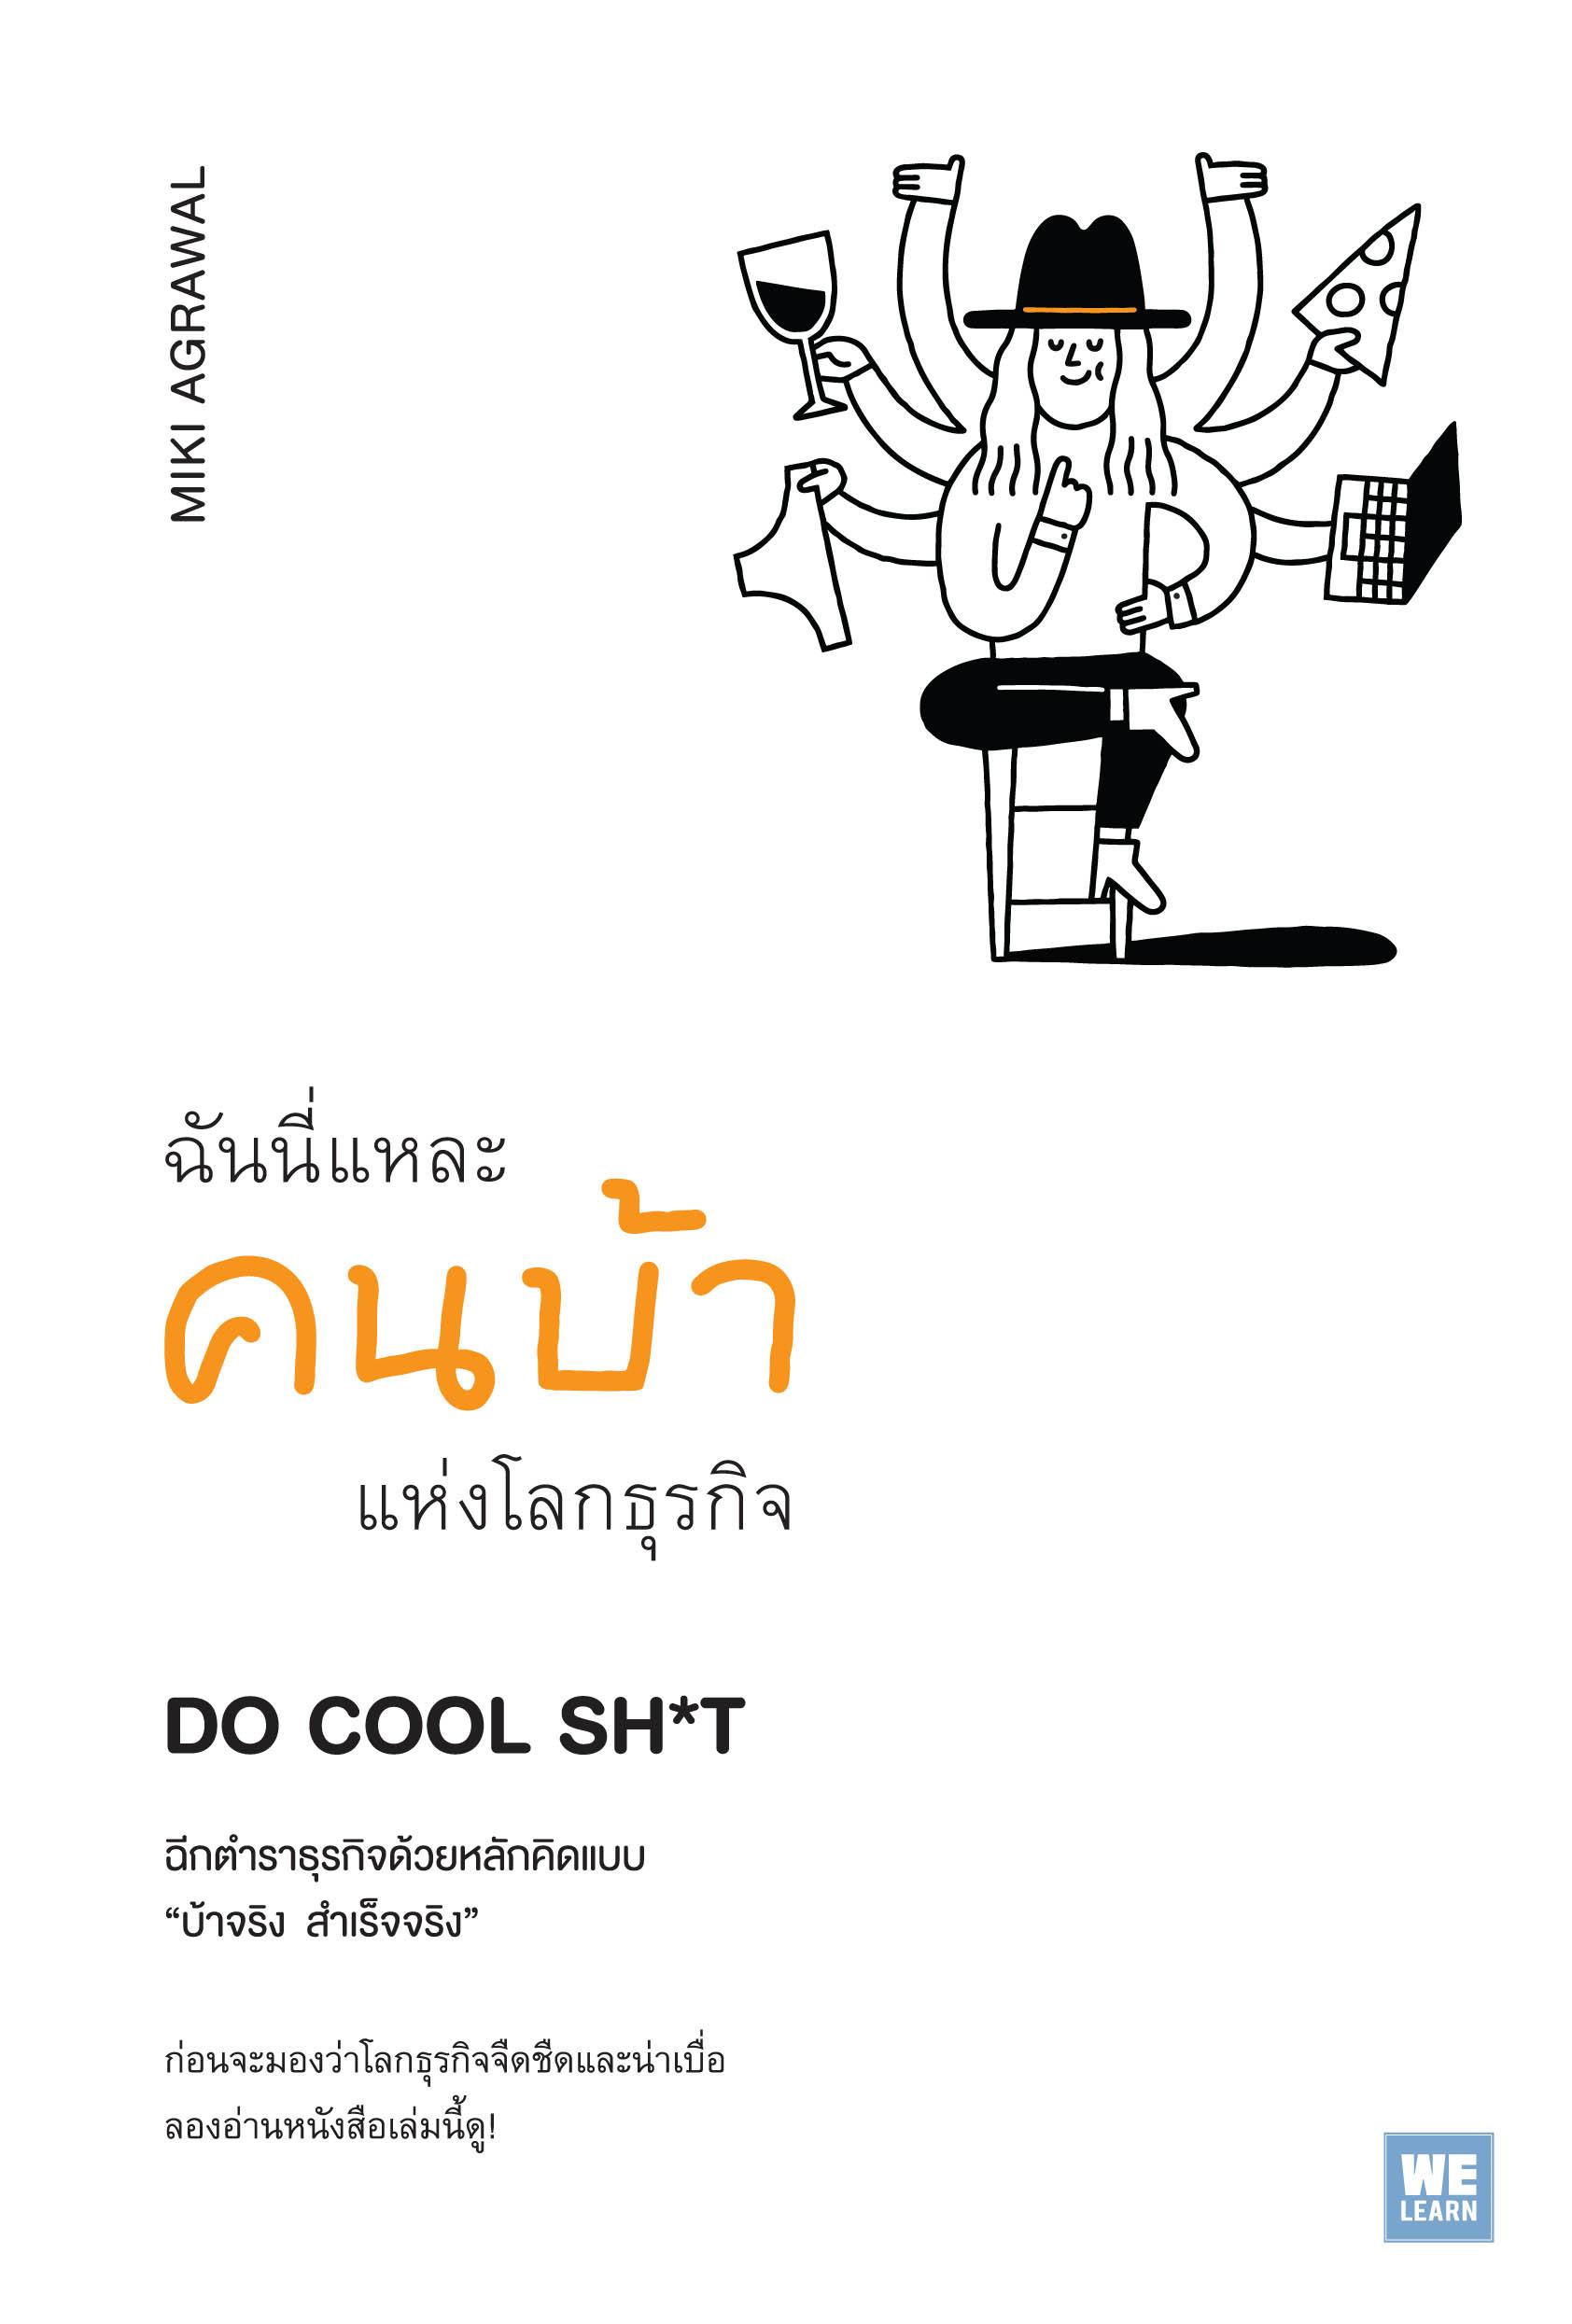 ฉันนี่แหละคนบ้าแห่งโลกธุรกิจ  (Do Cool Sh*t)